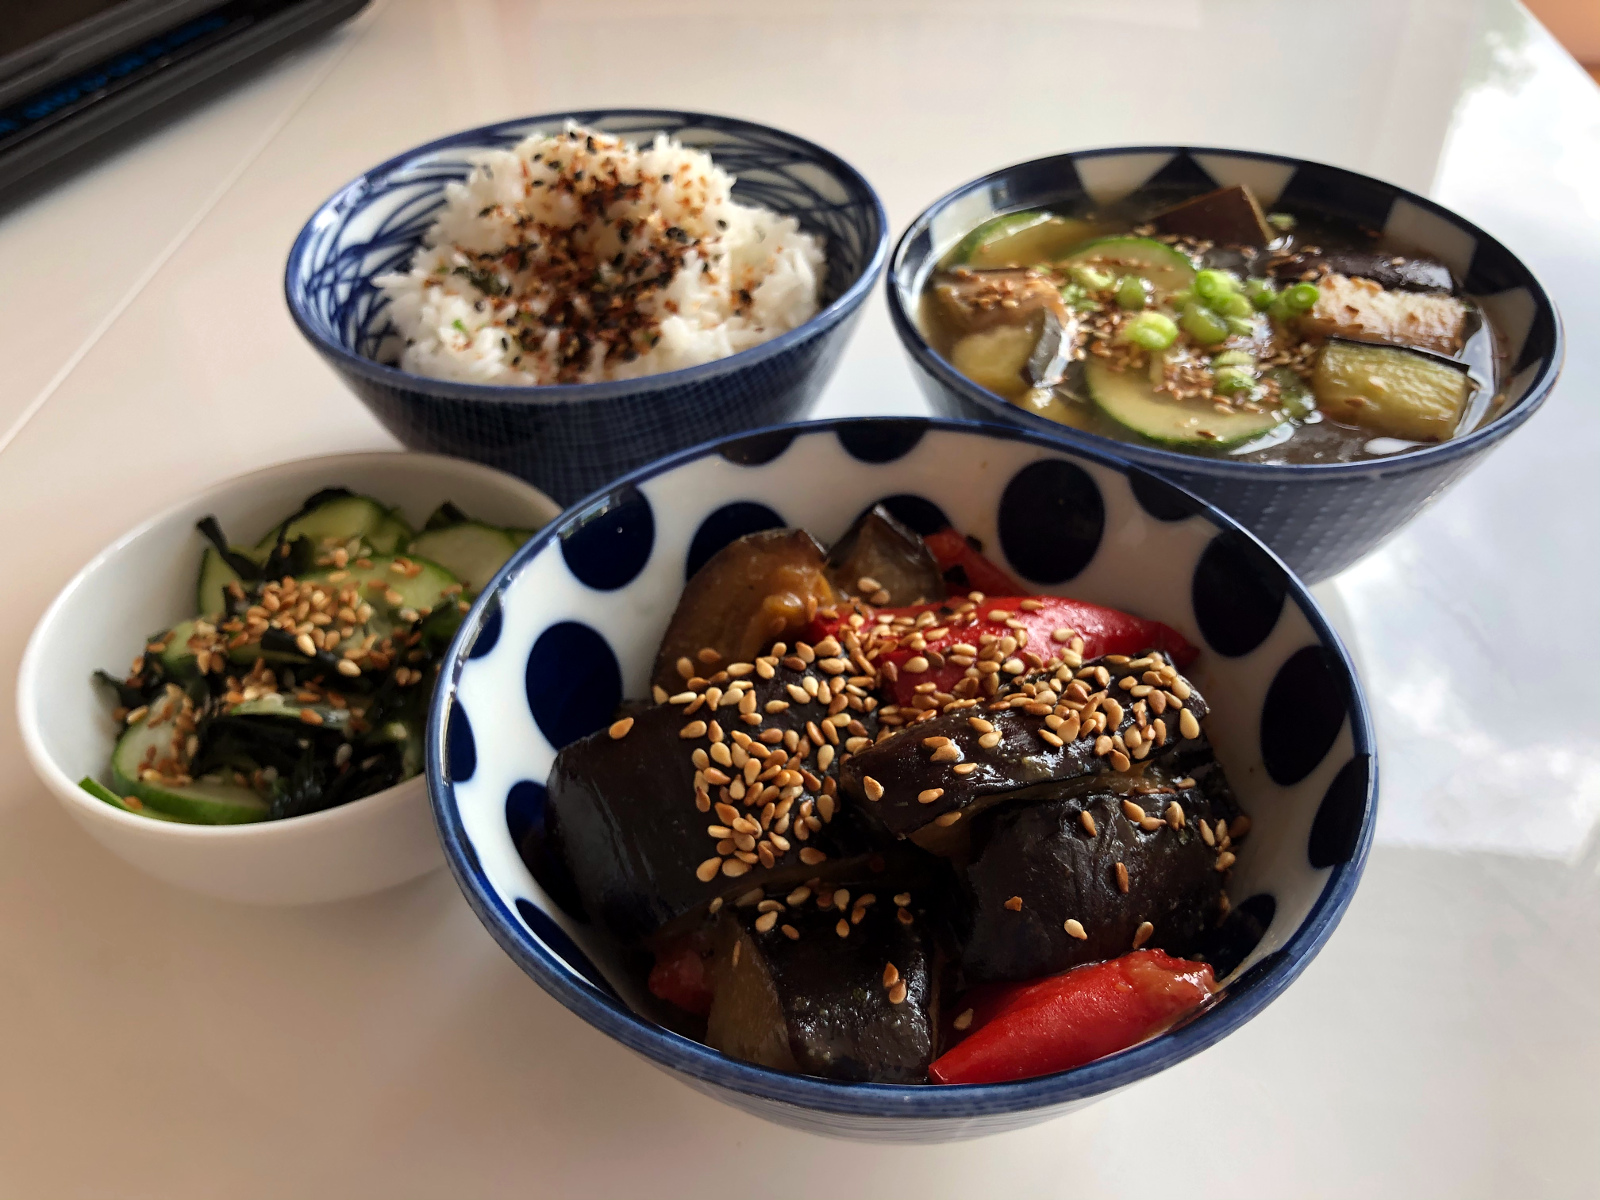 Nabeshigi - japońskie przepisy - Japoński rok od kuchni (Wydawnictwo Kirin)